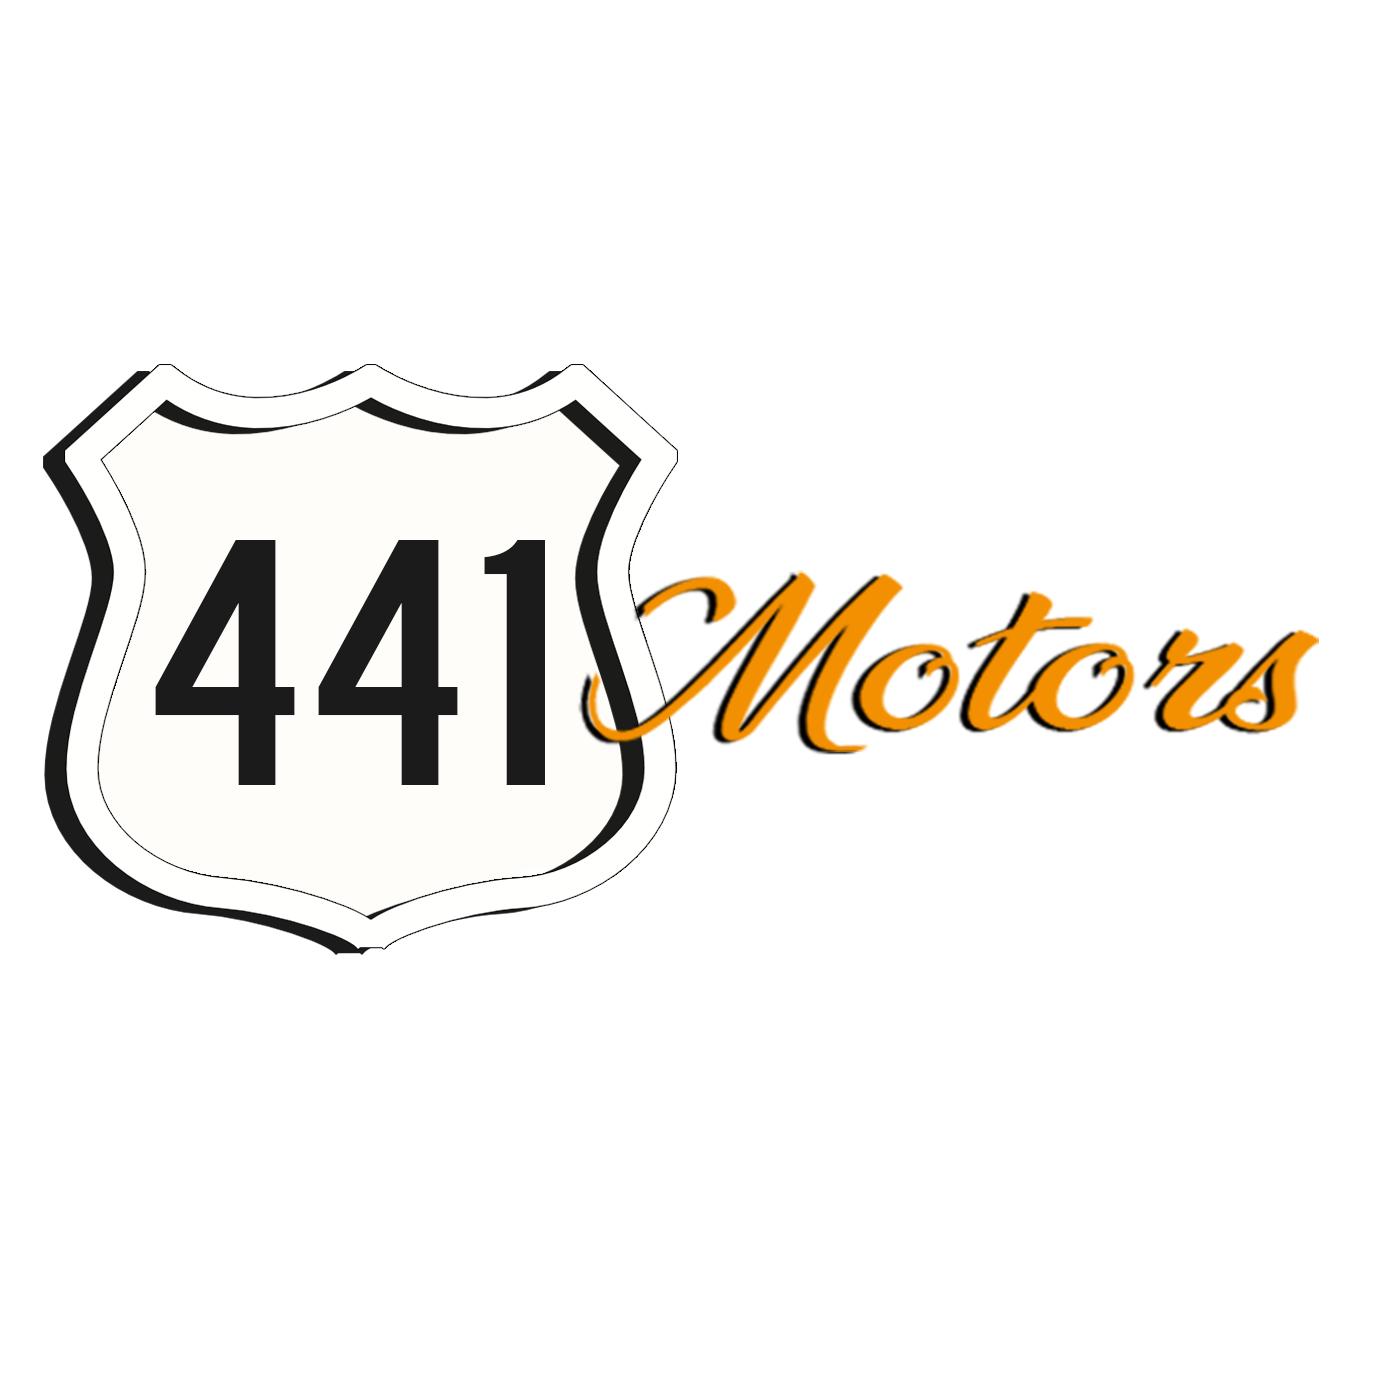 441 MOTORS